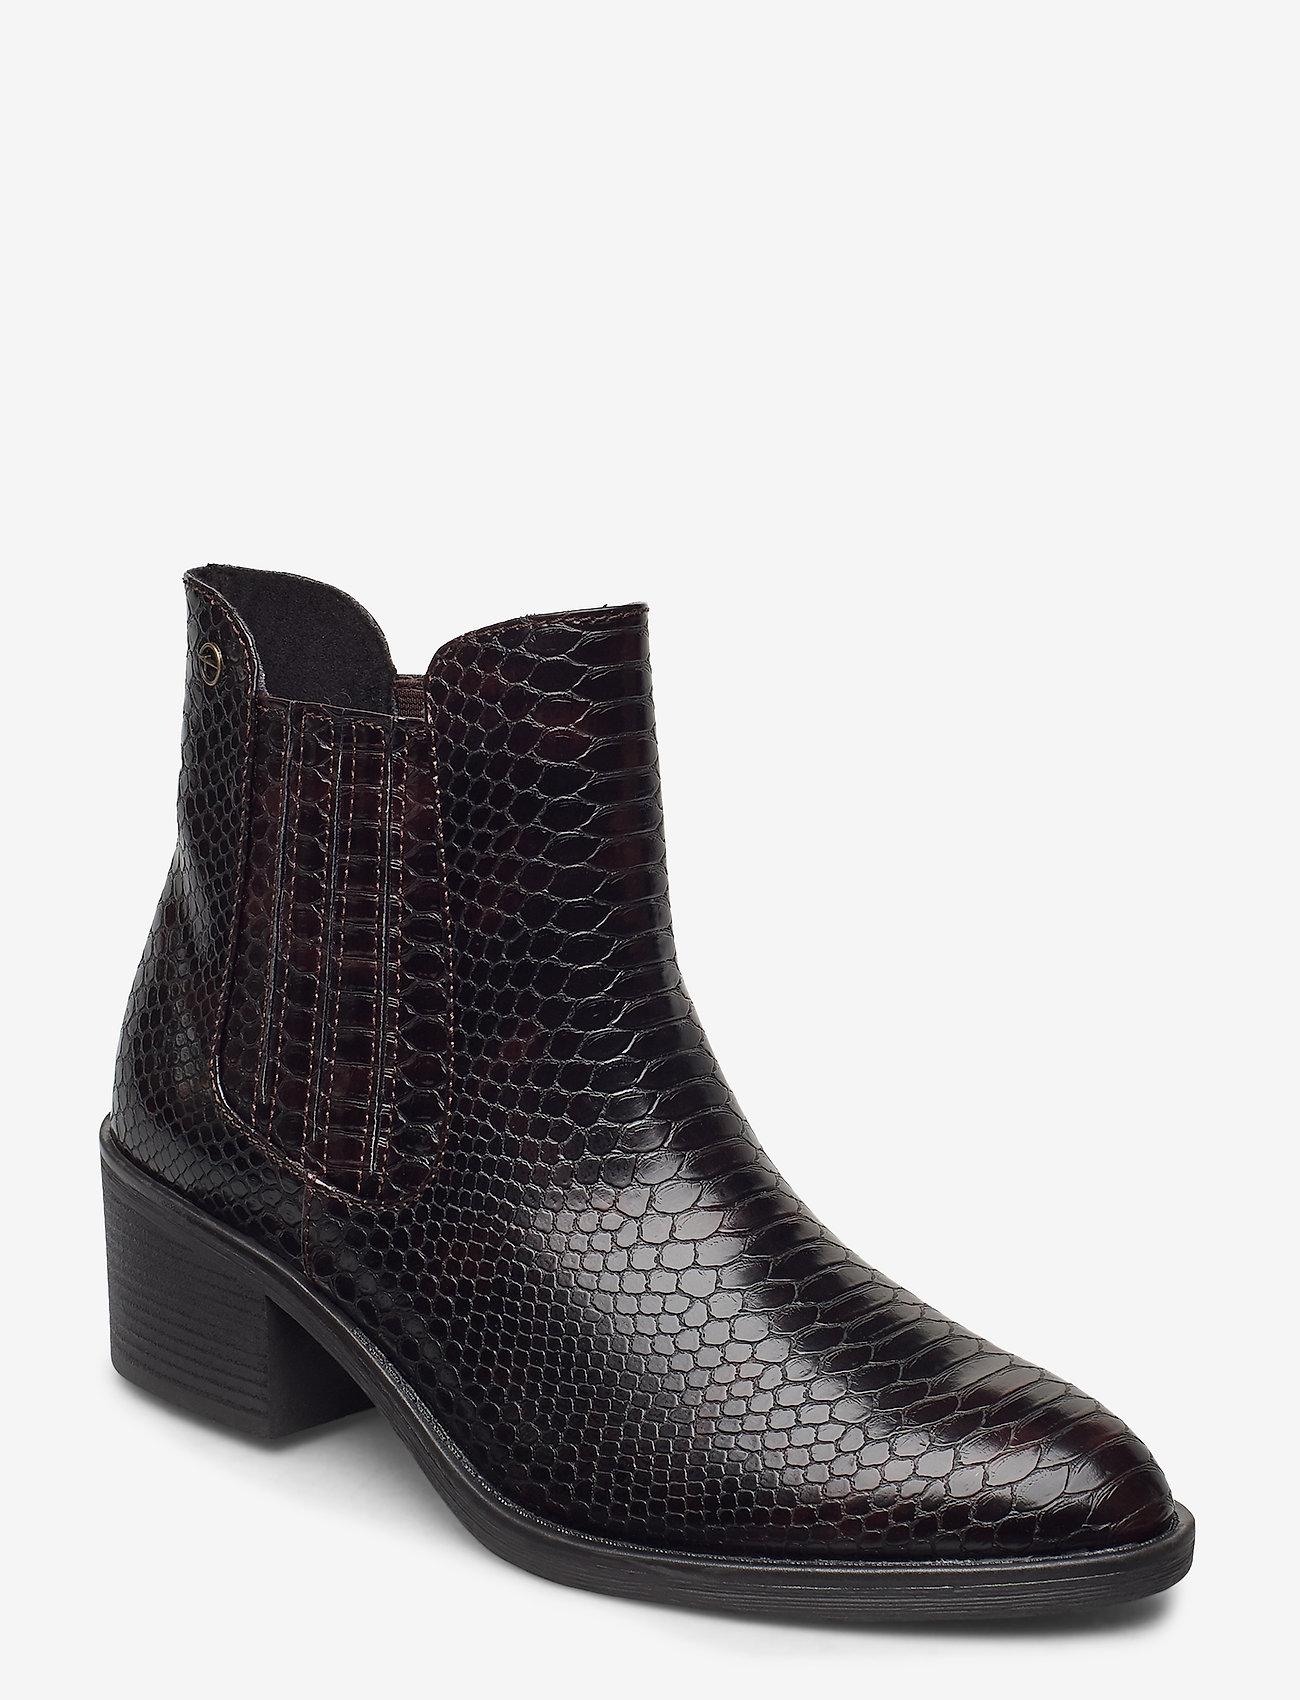 Tamaris - Woms Boots - augstpapēžu puszābaki - mahogany snake - 0